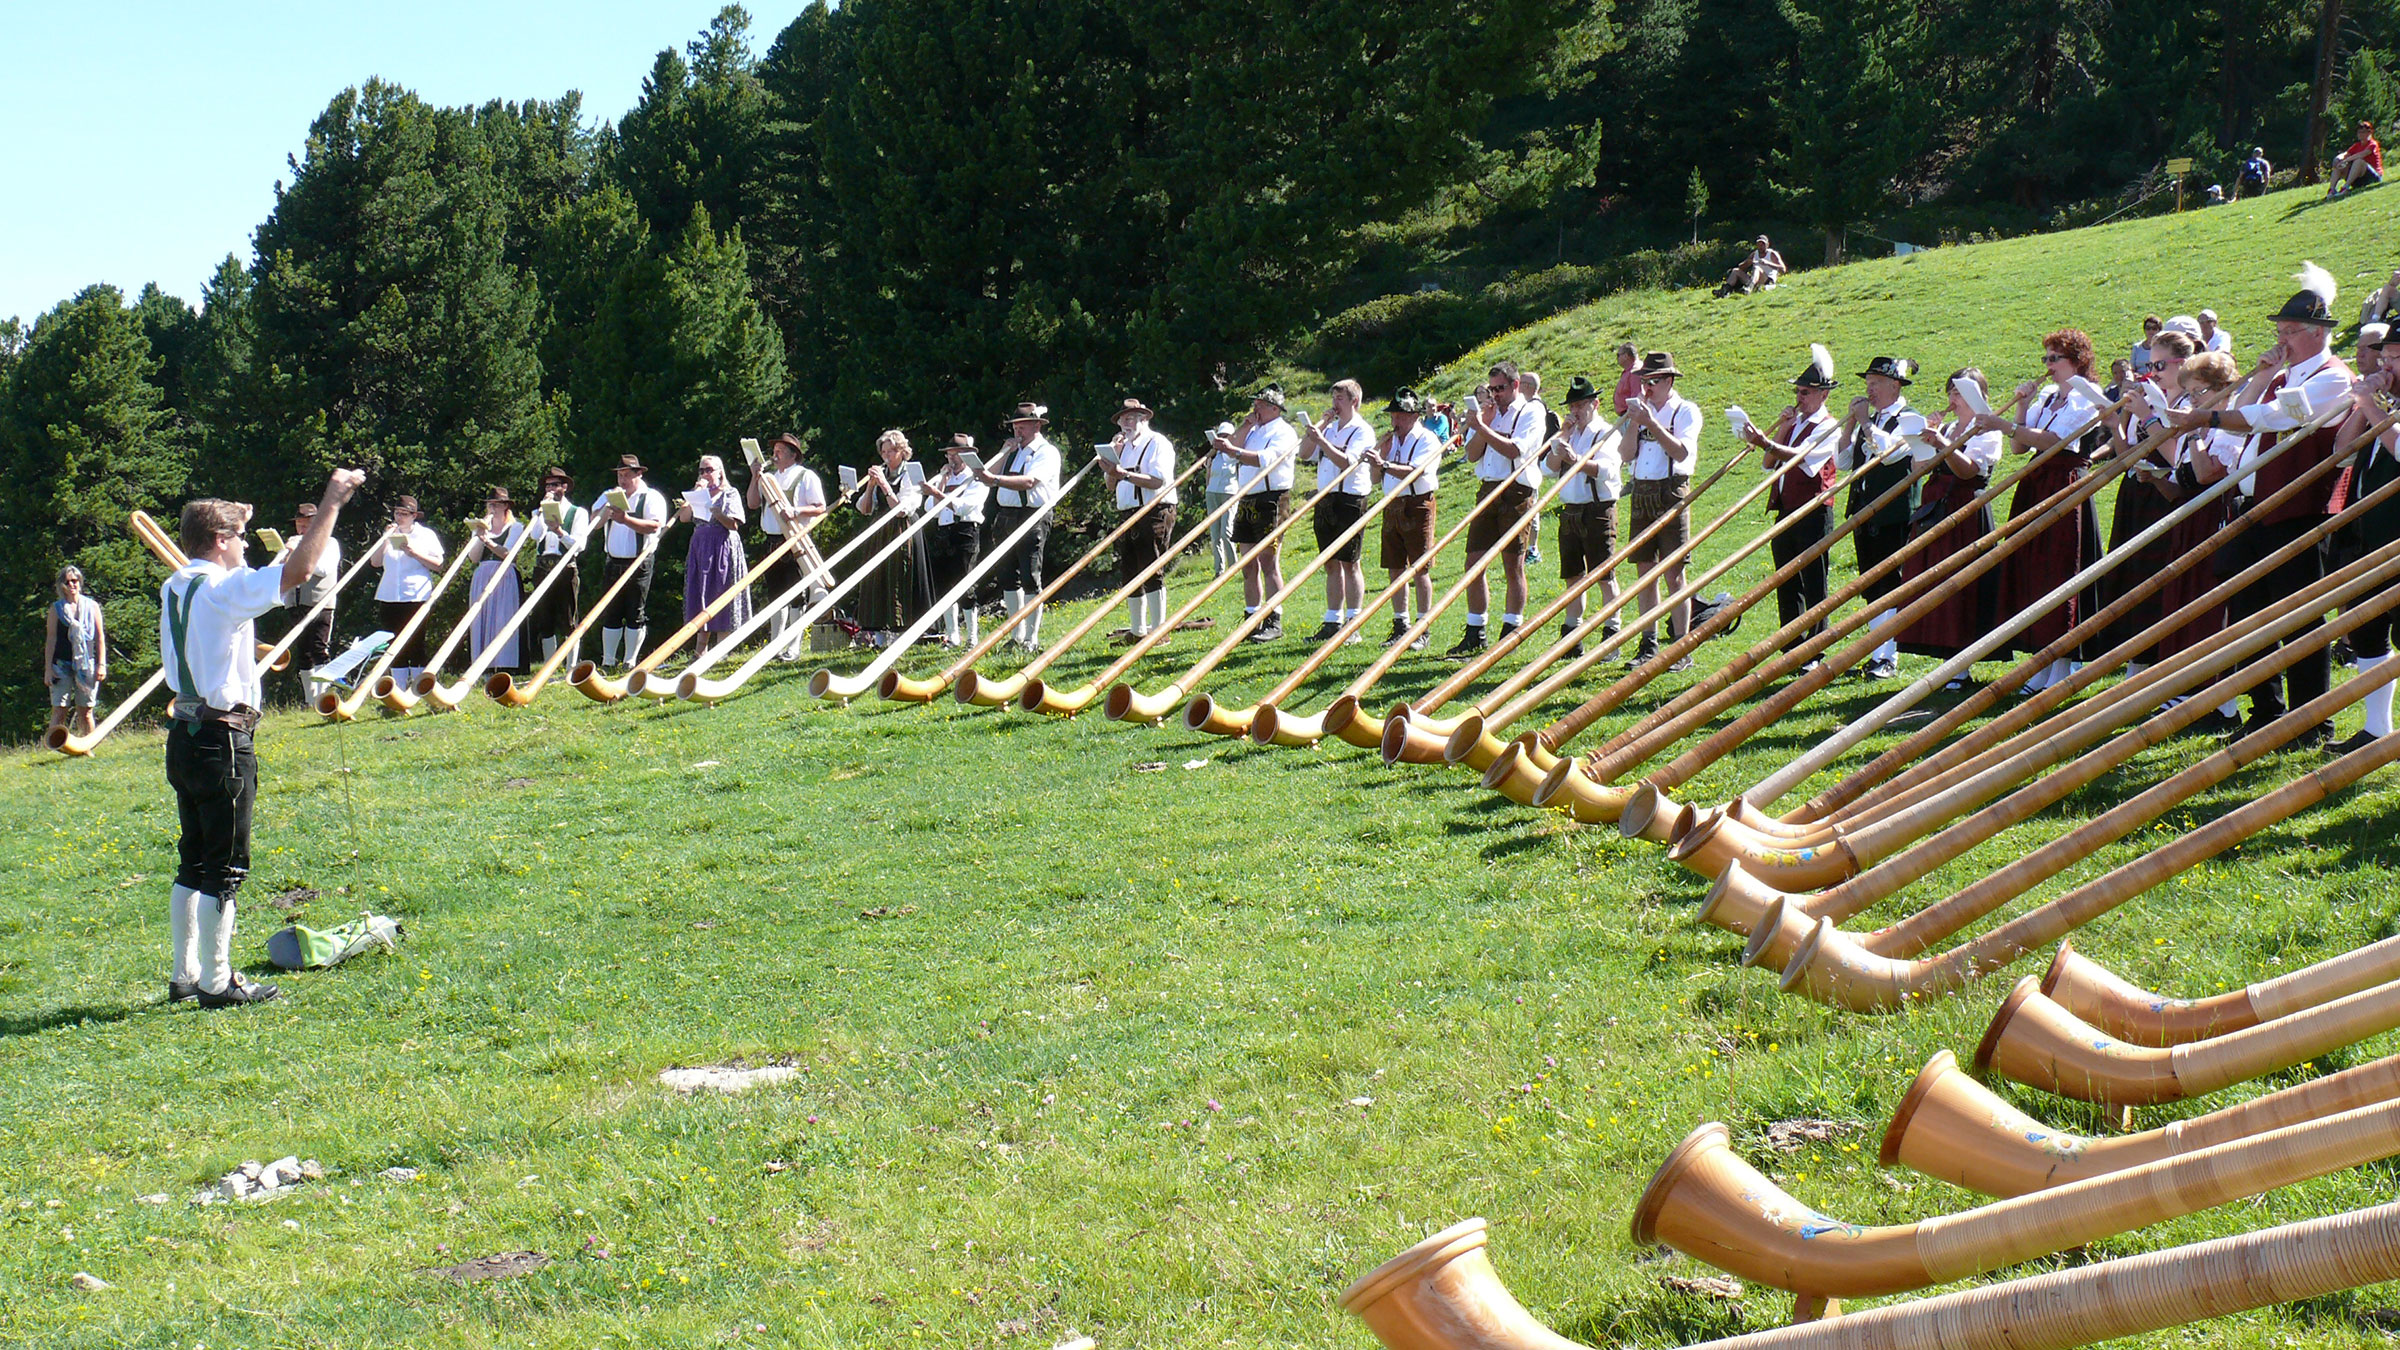 Das Instrument für alpine Auftritte